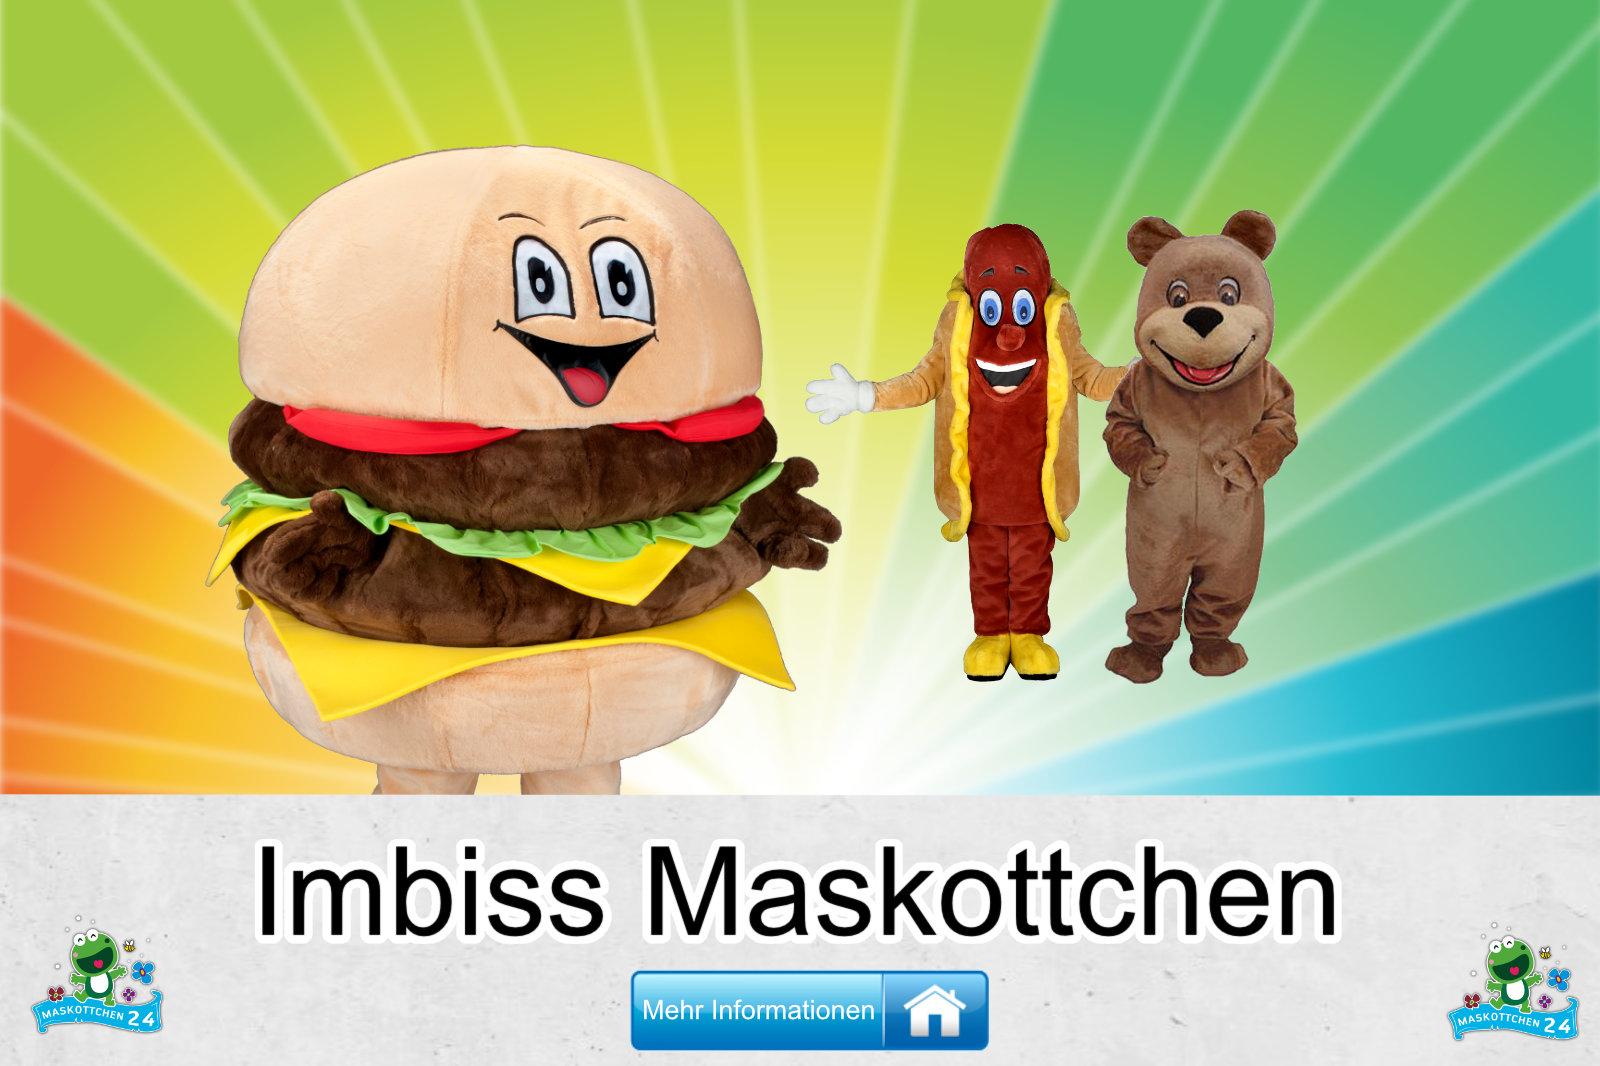 Kostüm Maskottchen Günstig-Kaufen Produktion Imbiss